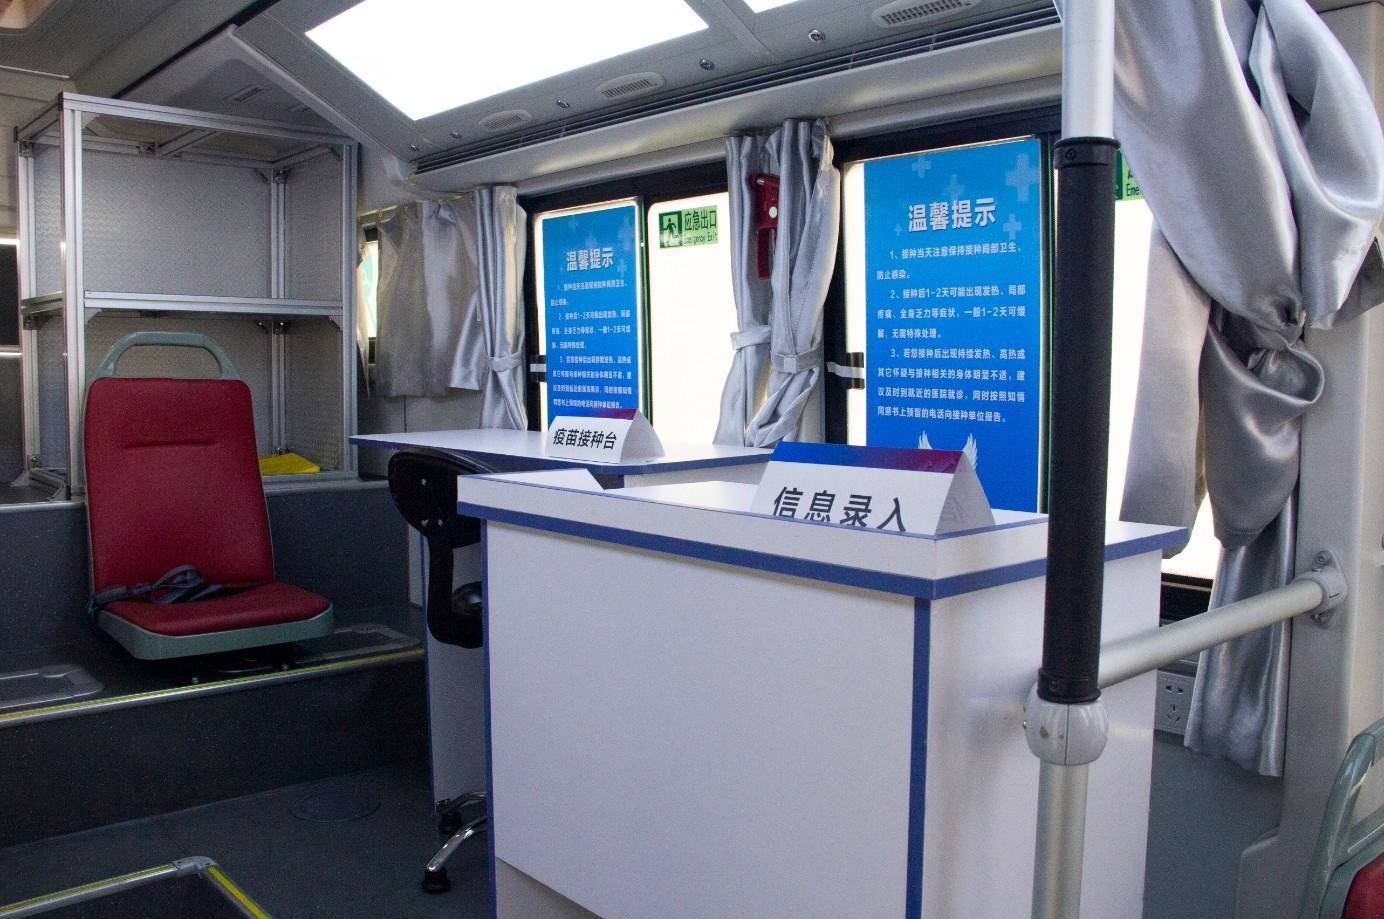 上门打疫苗!首款移动疫苗接种车将在北京投用_图1-5